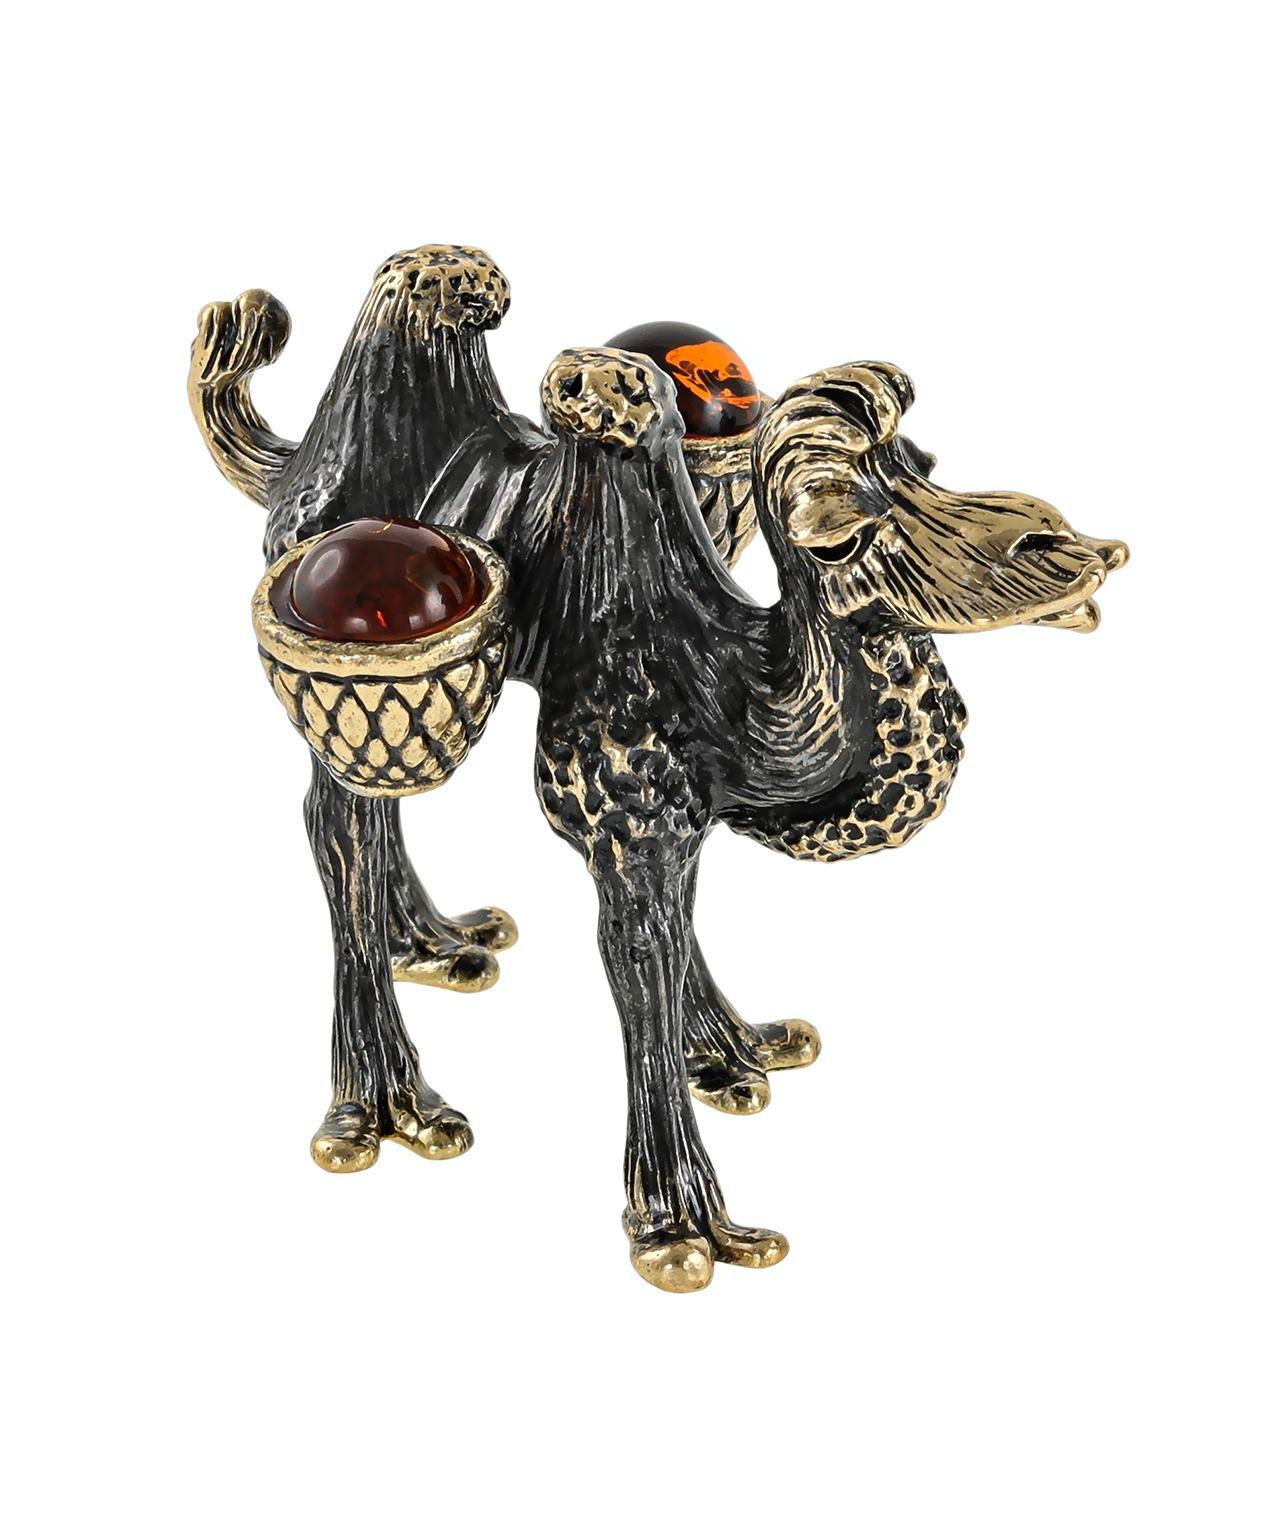 Верблюд папа с поклажей без подставки 2652.1